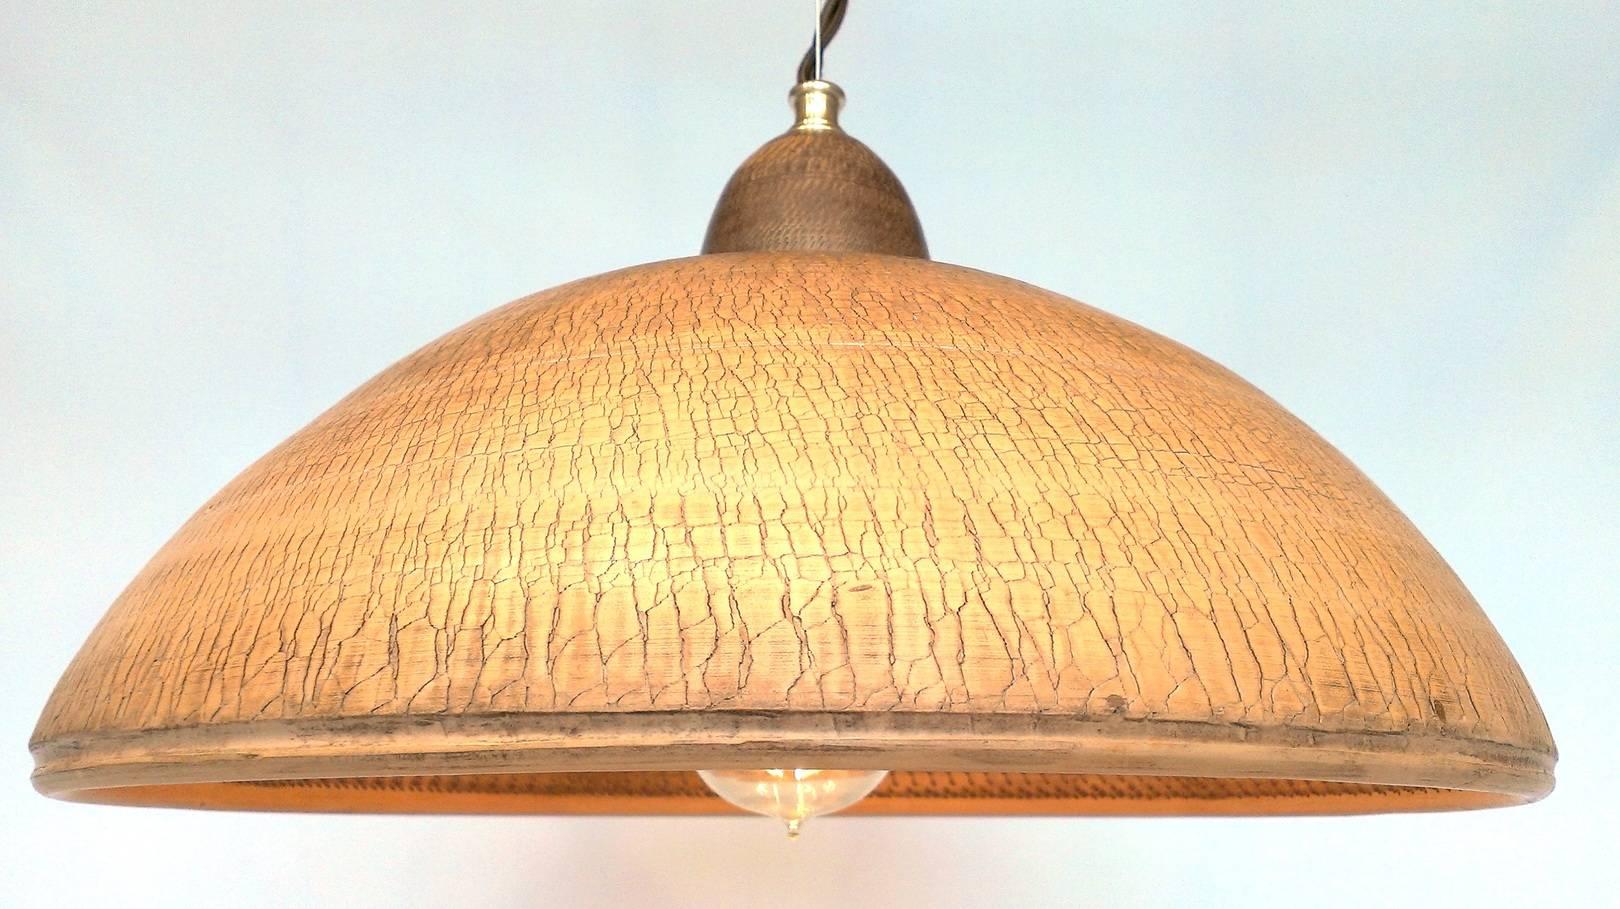 """Потолочная люстра с одним плафоном. """"Грибная поляна"""" Диаметр 35 см. Глина, гончарный круг. Фактура поверхности- специально растресканая. Отделка- резьба на внутренней поверхности, молочение, воск."""